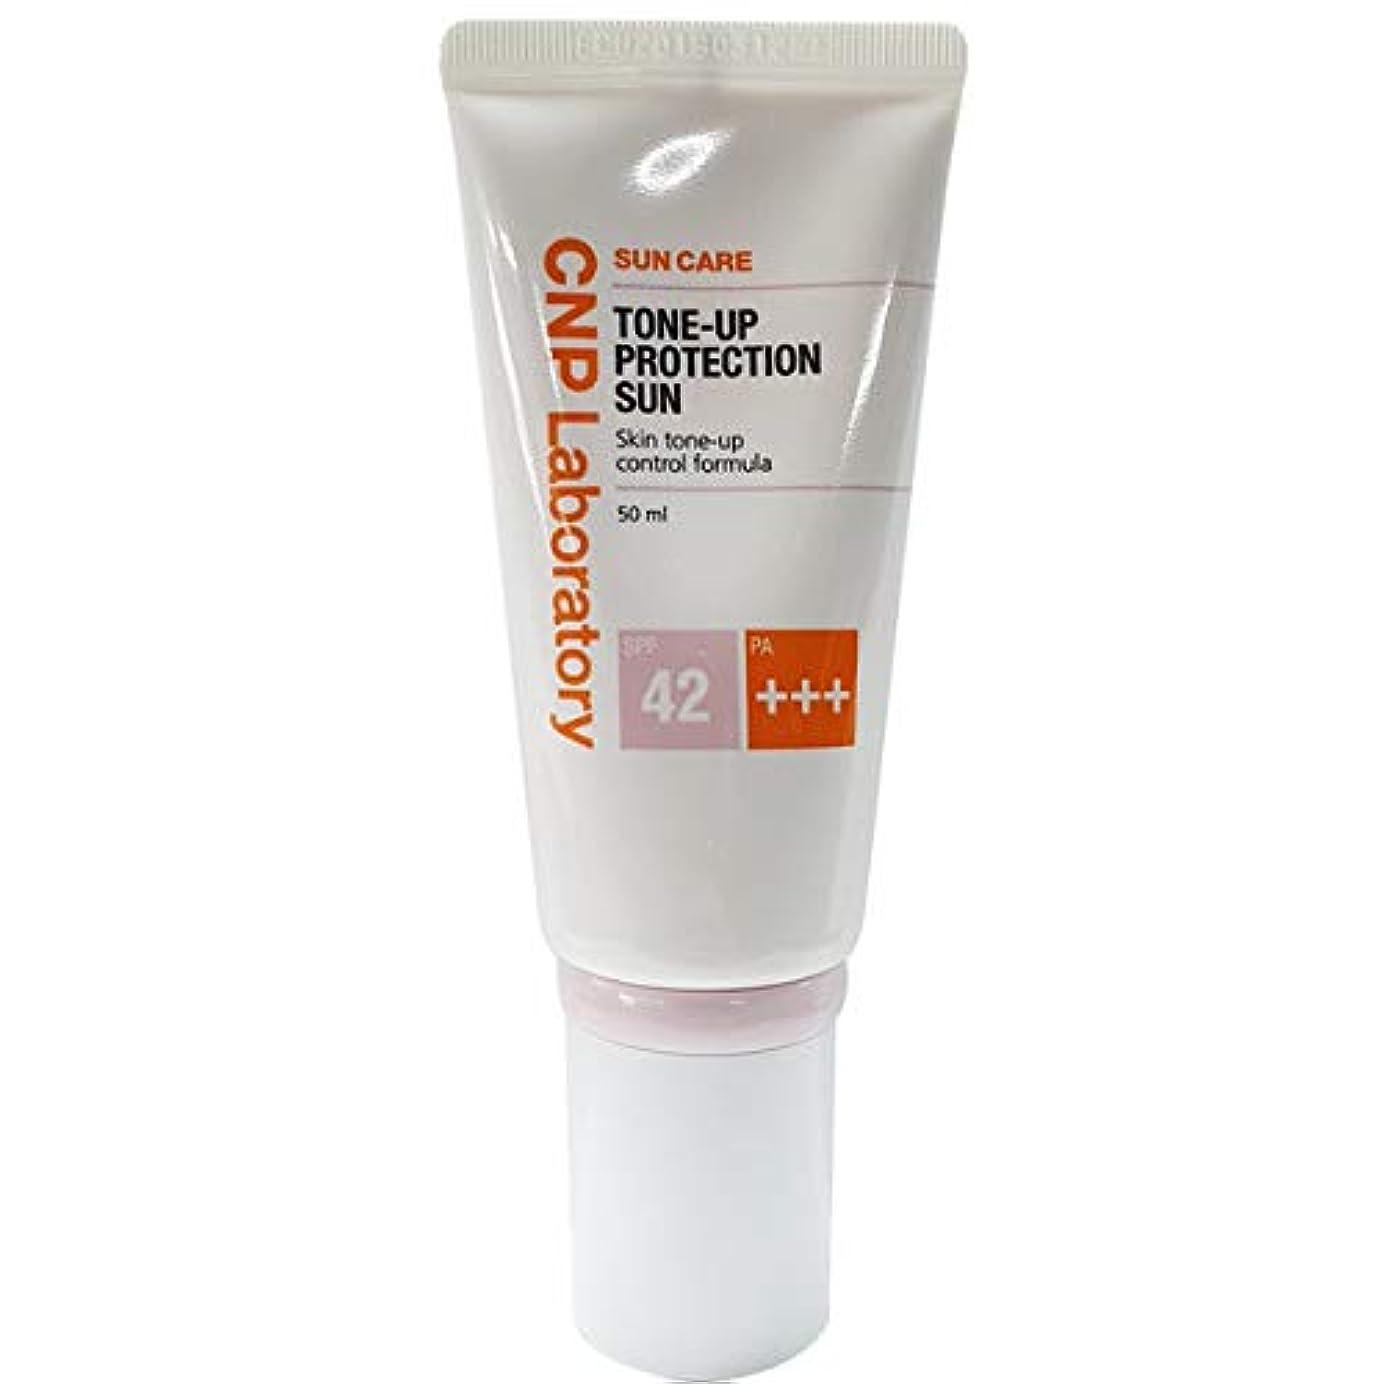 犯罪手段あえぎCNP チャアンドパク トンオププロテクションサン?クリーム紫外線遮断剤 50ml (SPF42 / PA+++)、2019 NEW, CNP Tone-up Protection Sun Cream/韓国日焼け止め